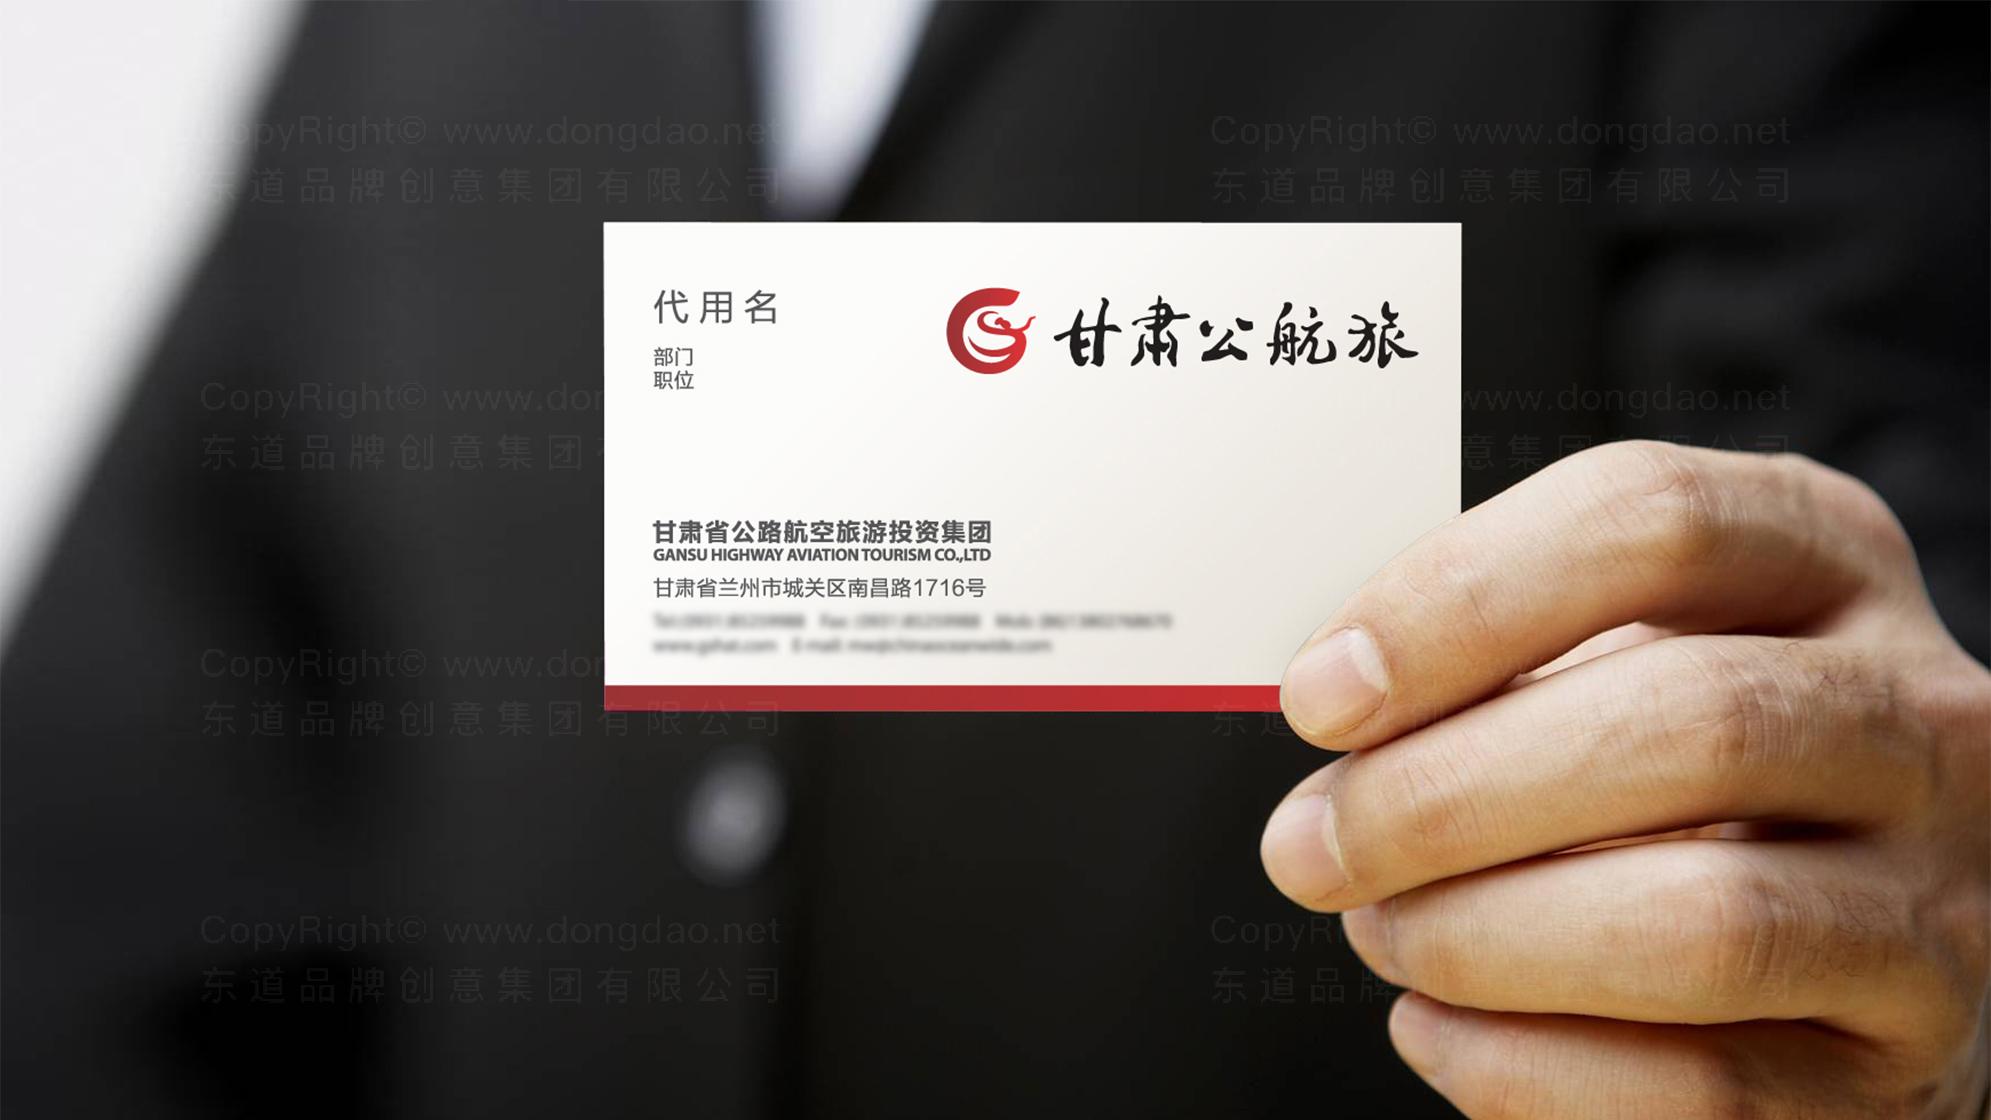 品牌设计甘肃公航旅标志设计应用场景